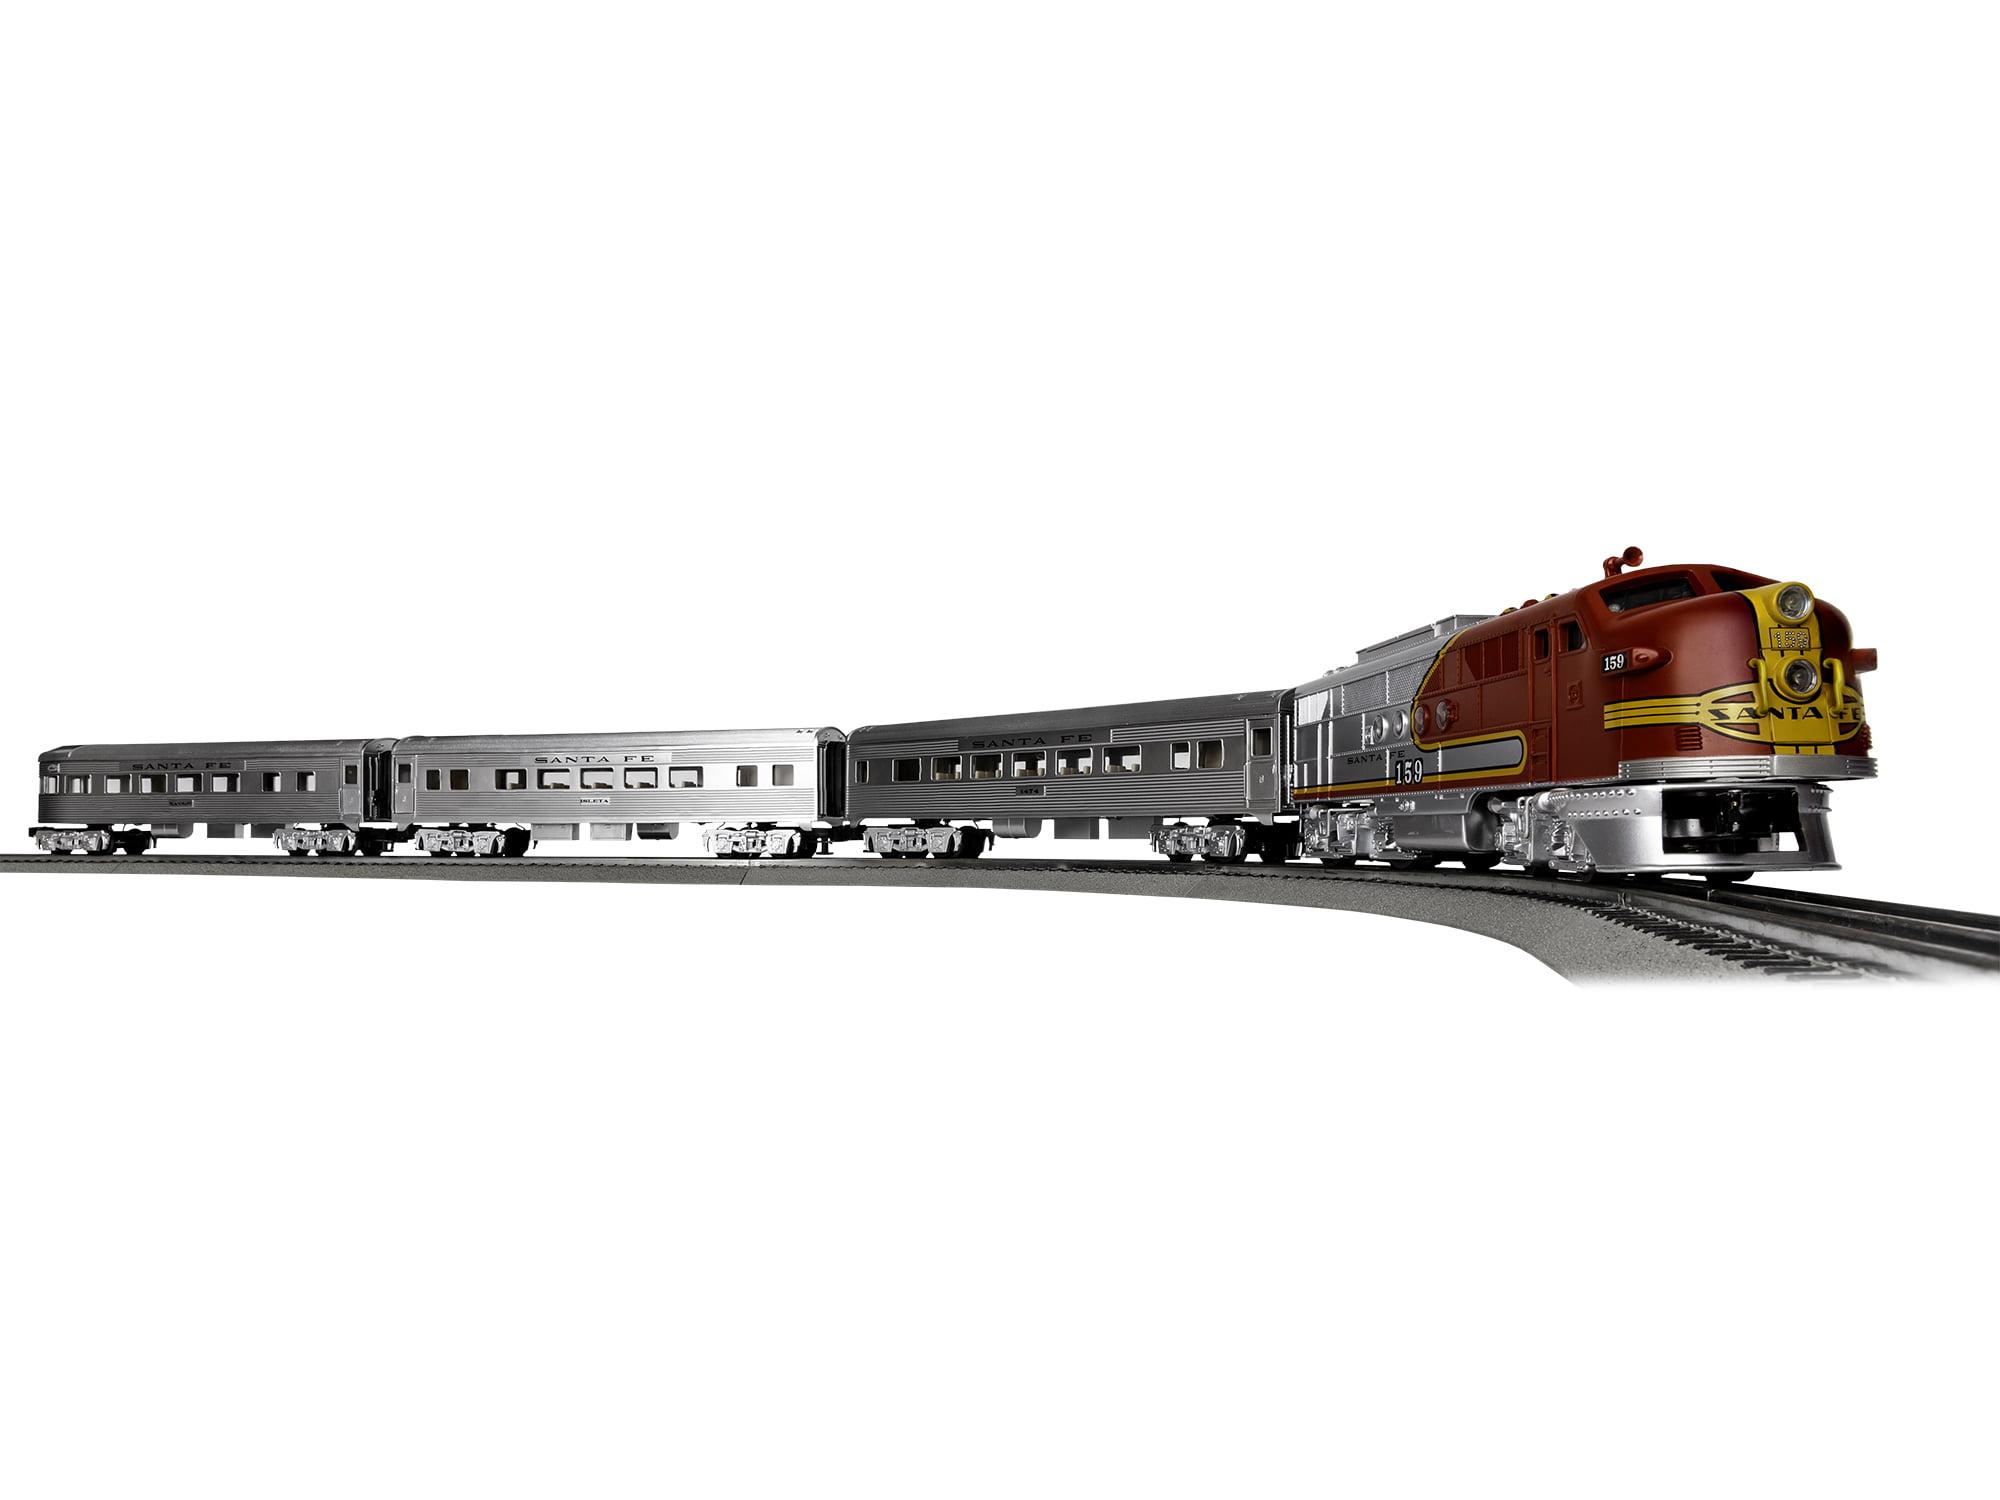 Lionel Trains Santa Fe Super Chief Seasonal LionChief Train Set w Bluetooth by Lionel, LLC